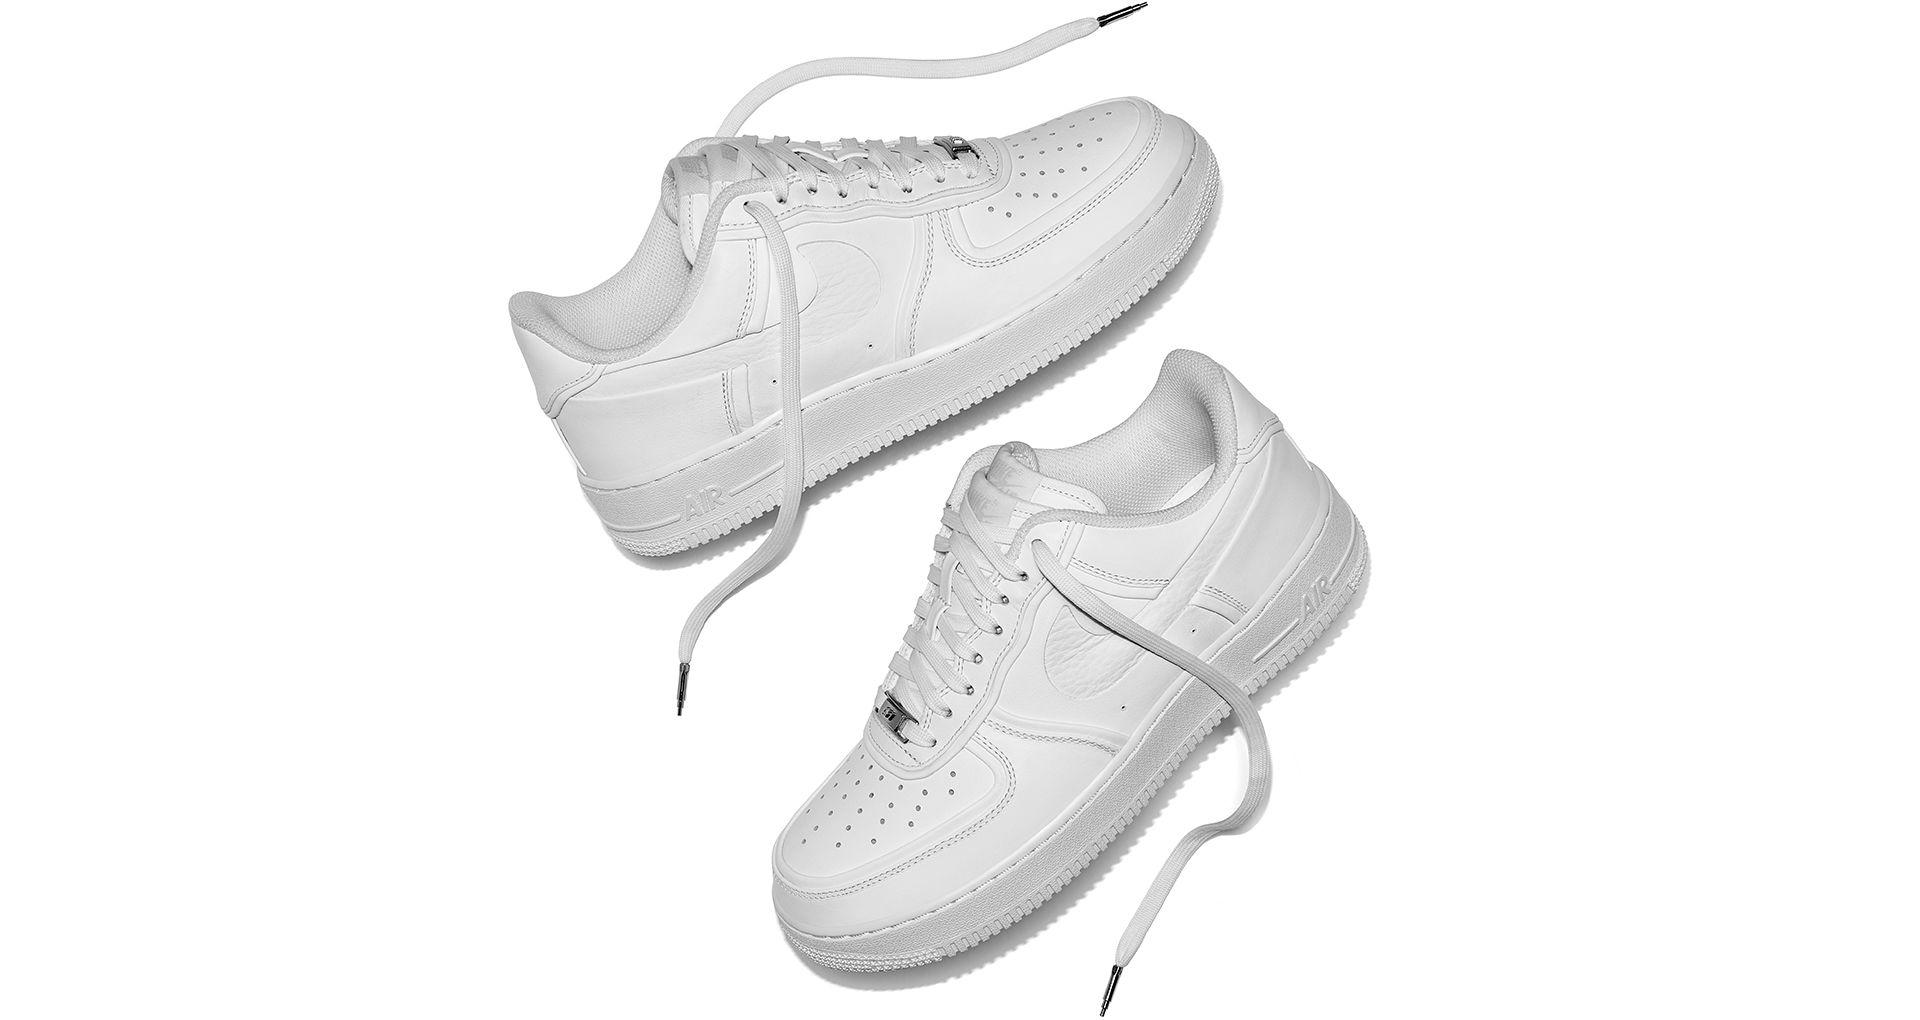 8fb6fe97c58 Nike Air Force 1 John Elliott  White  Release Date. Nike+ SNKRS